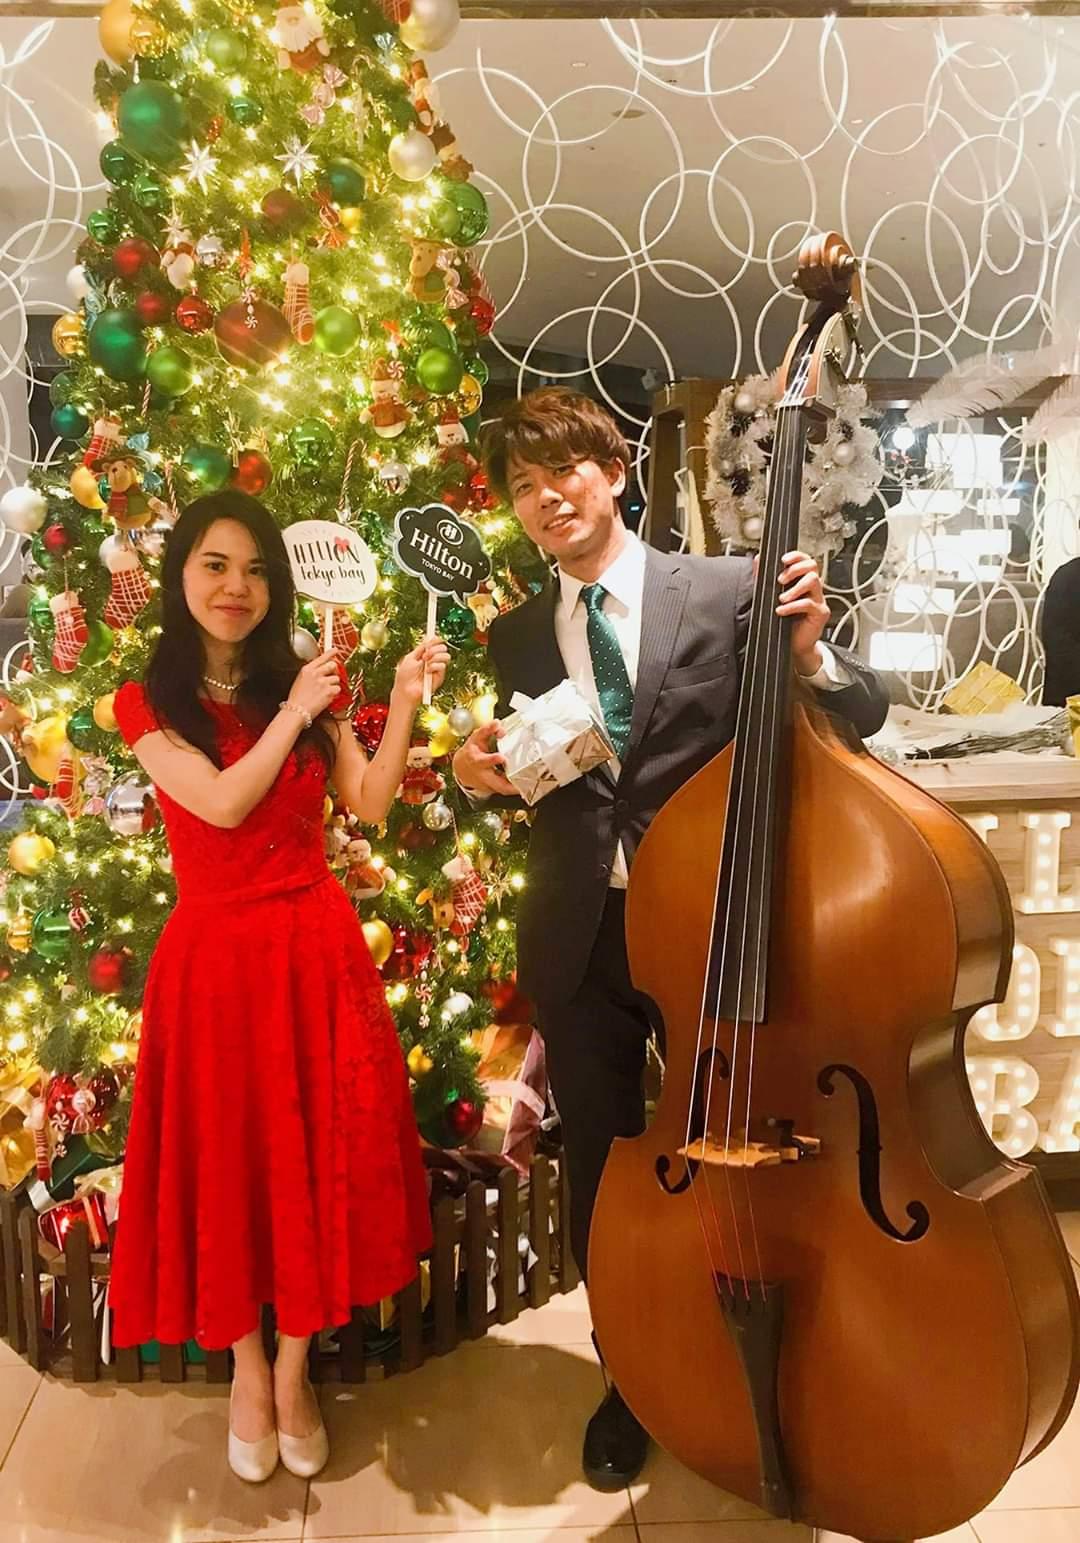 クリスマスツリーとピアニストベーシスト